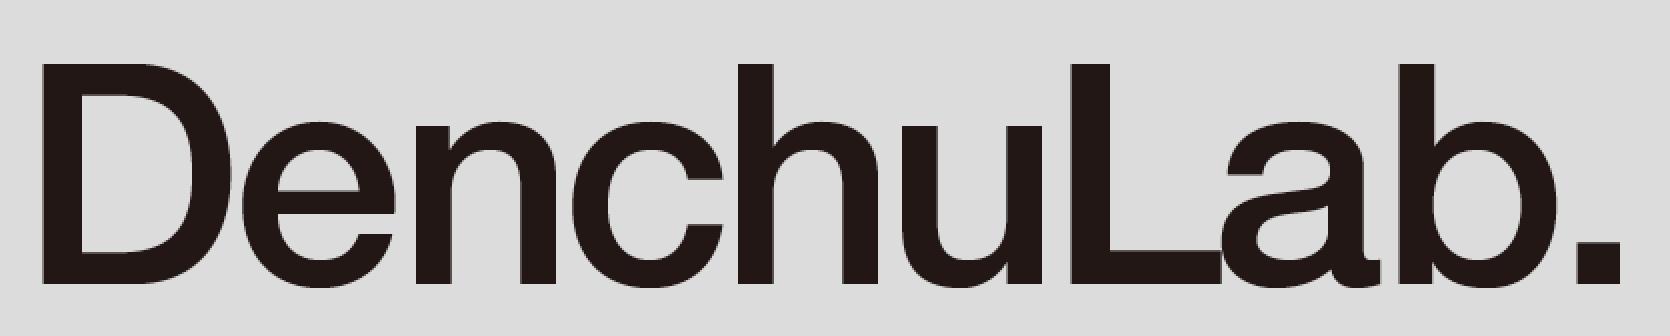 スクリーンショット 2015-06-02 21.10.07